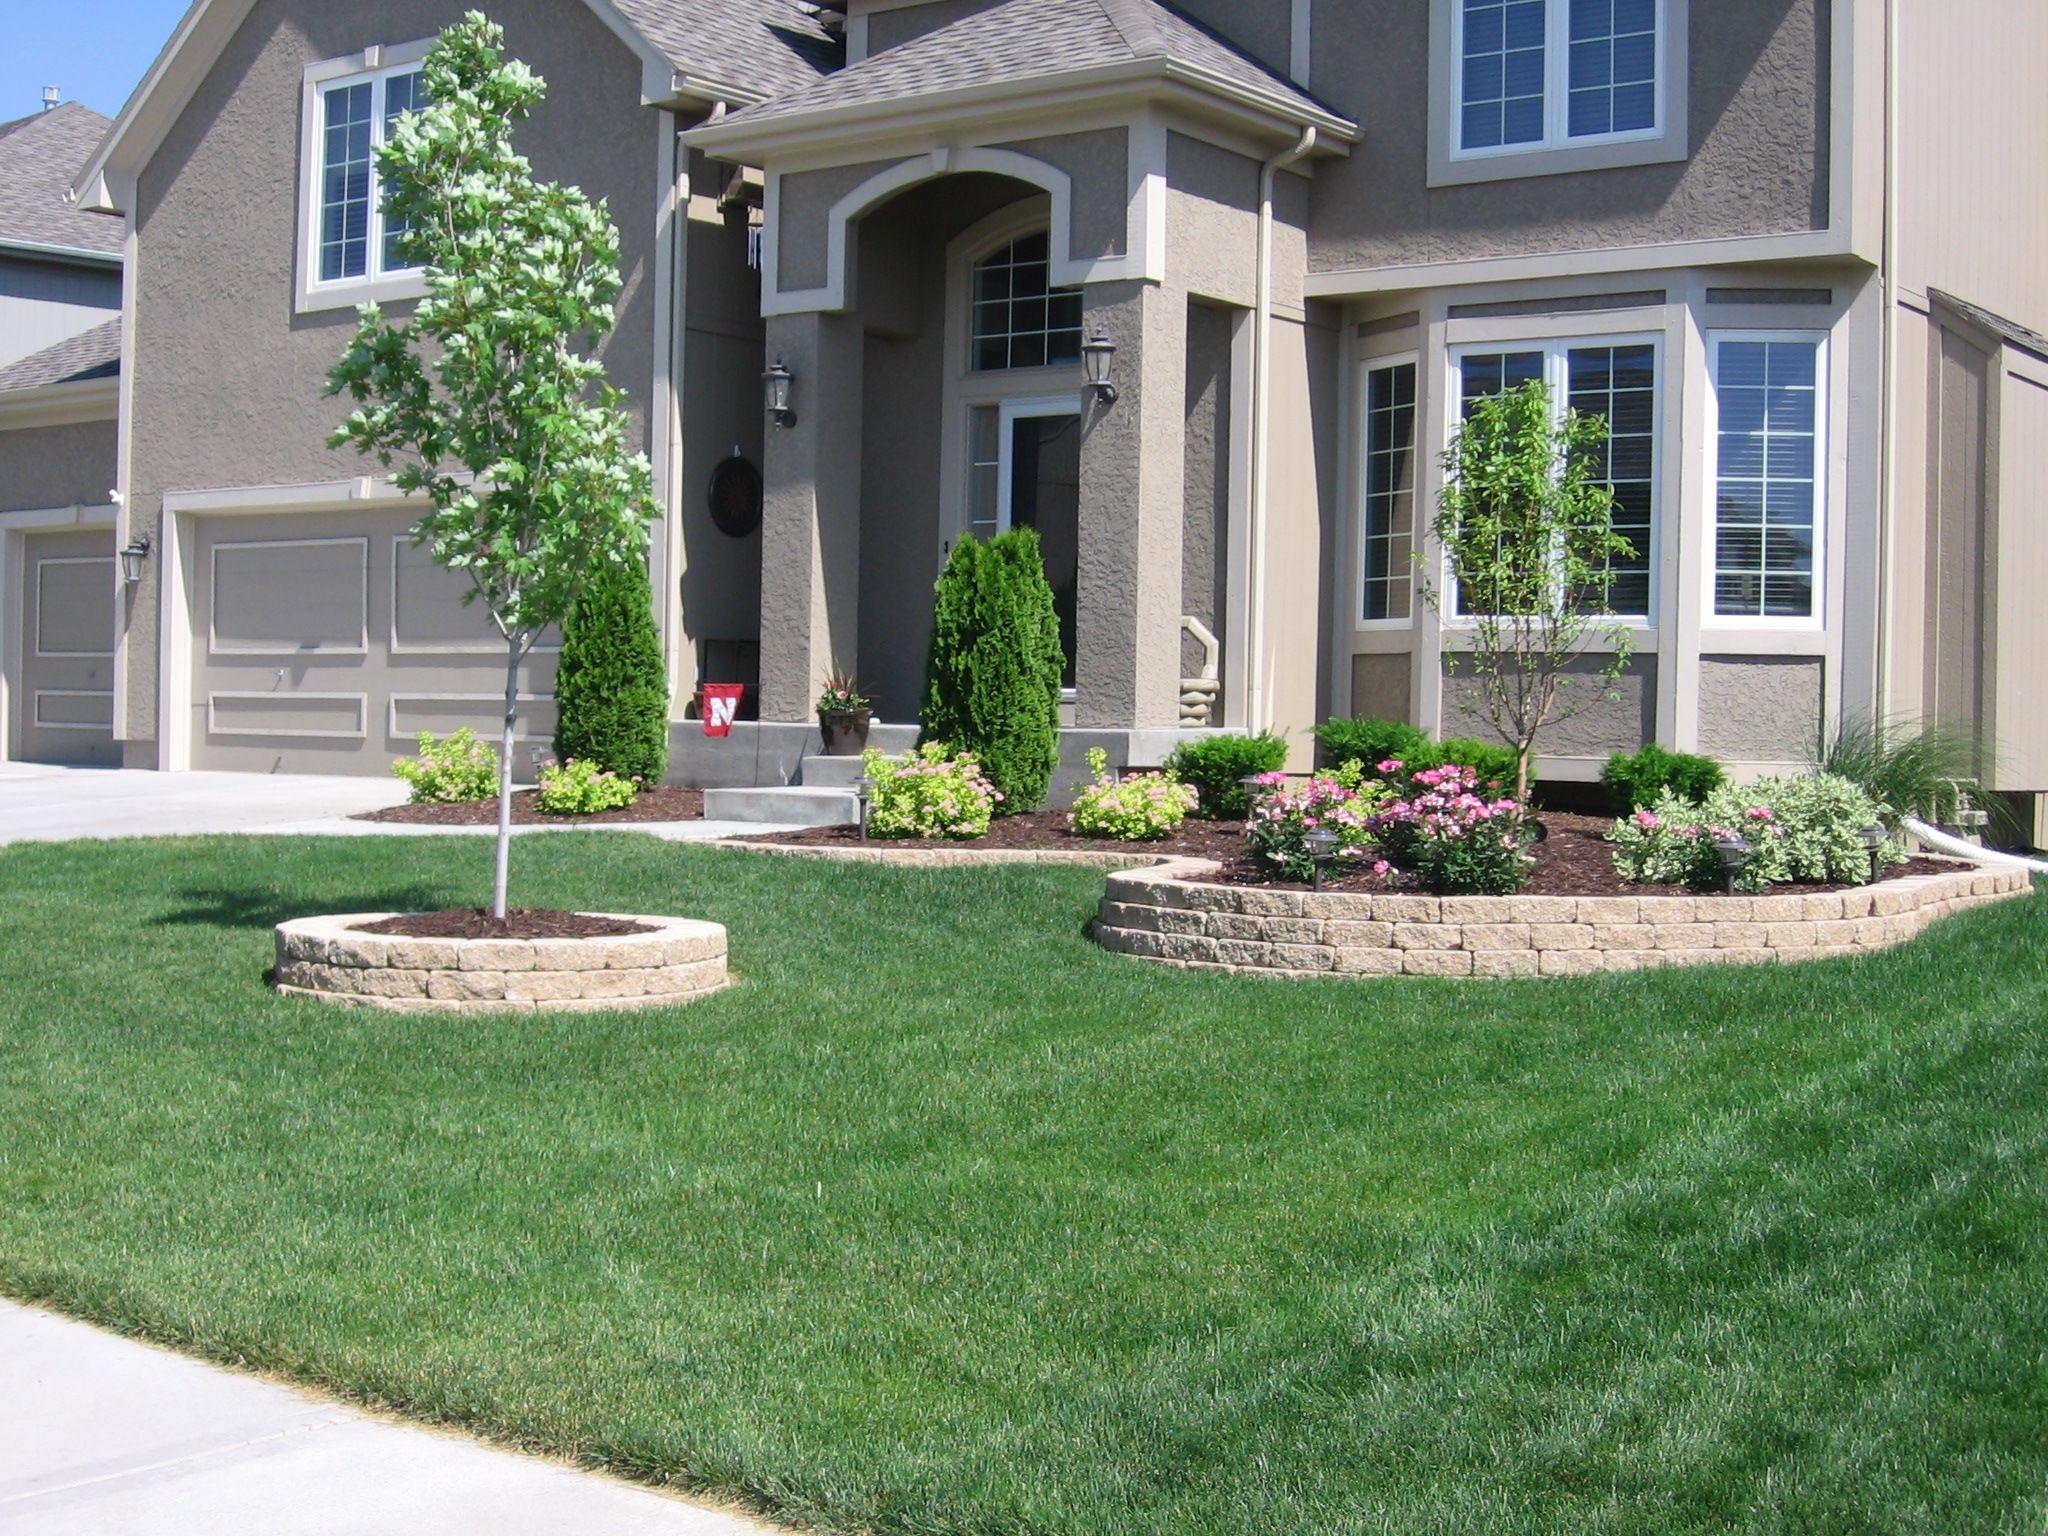 Как красиво оформить полянку перед домом? - ответы экспертов 962